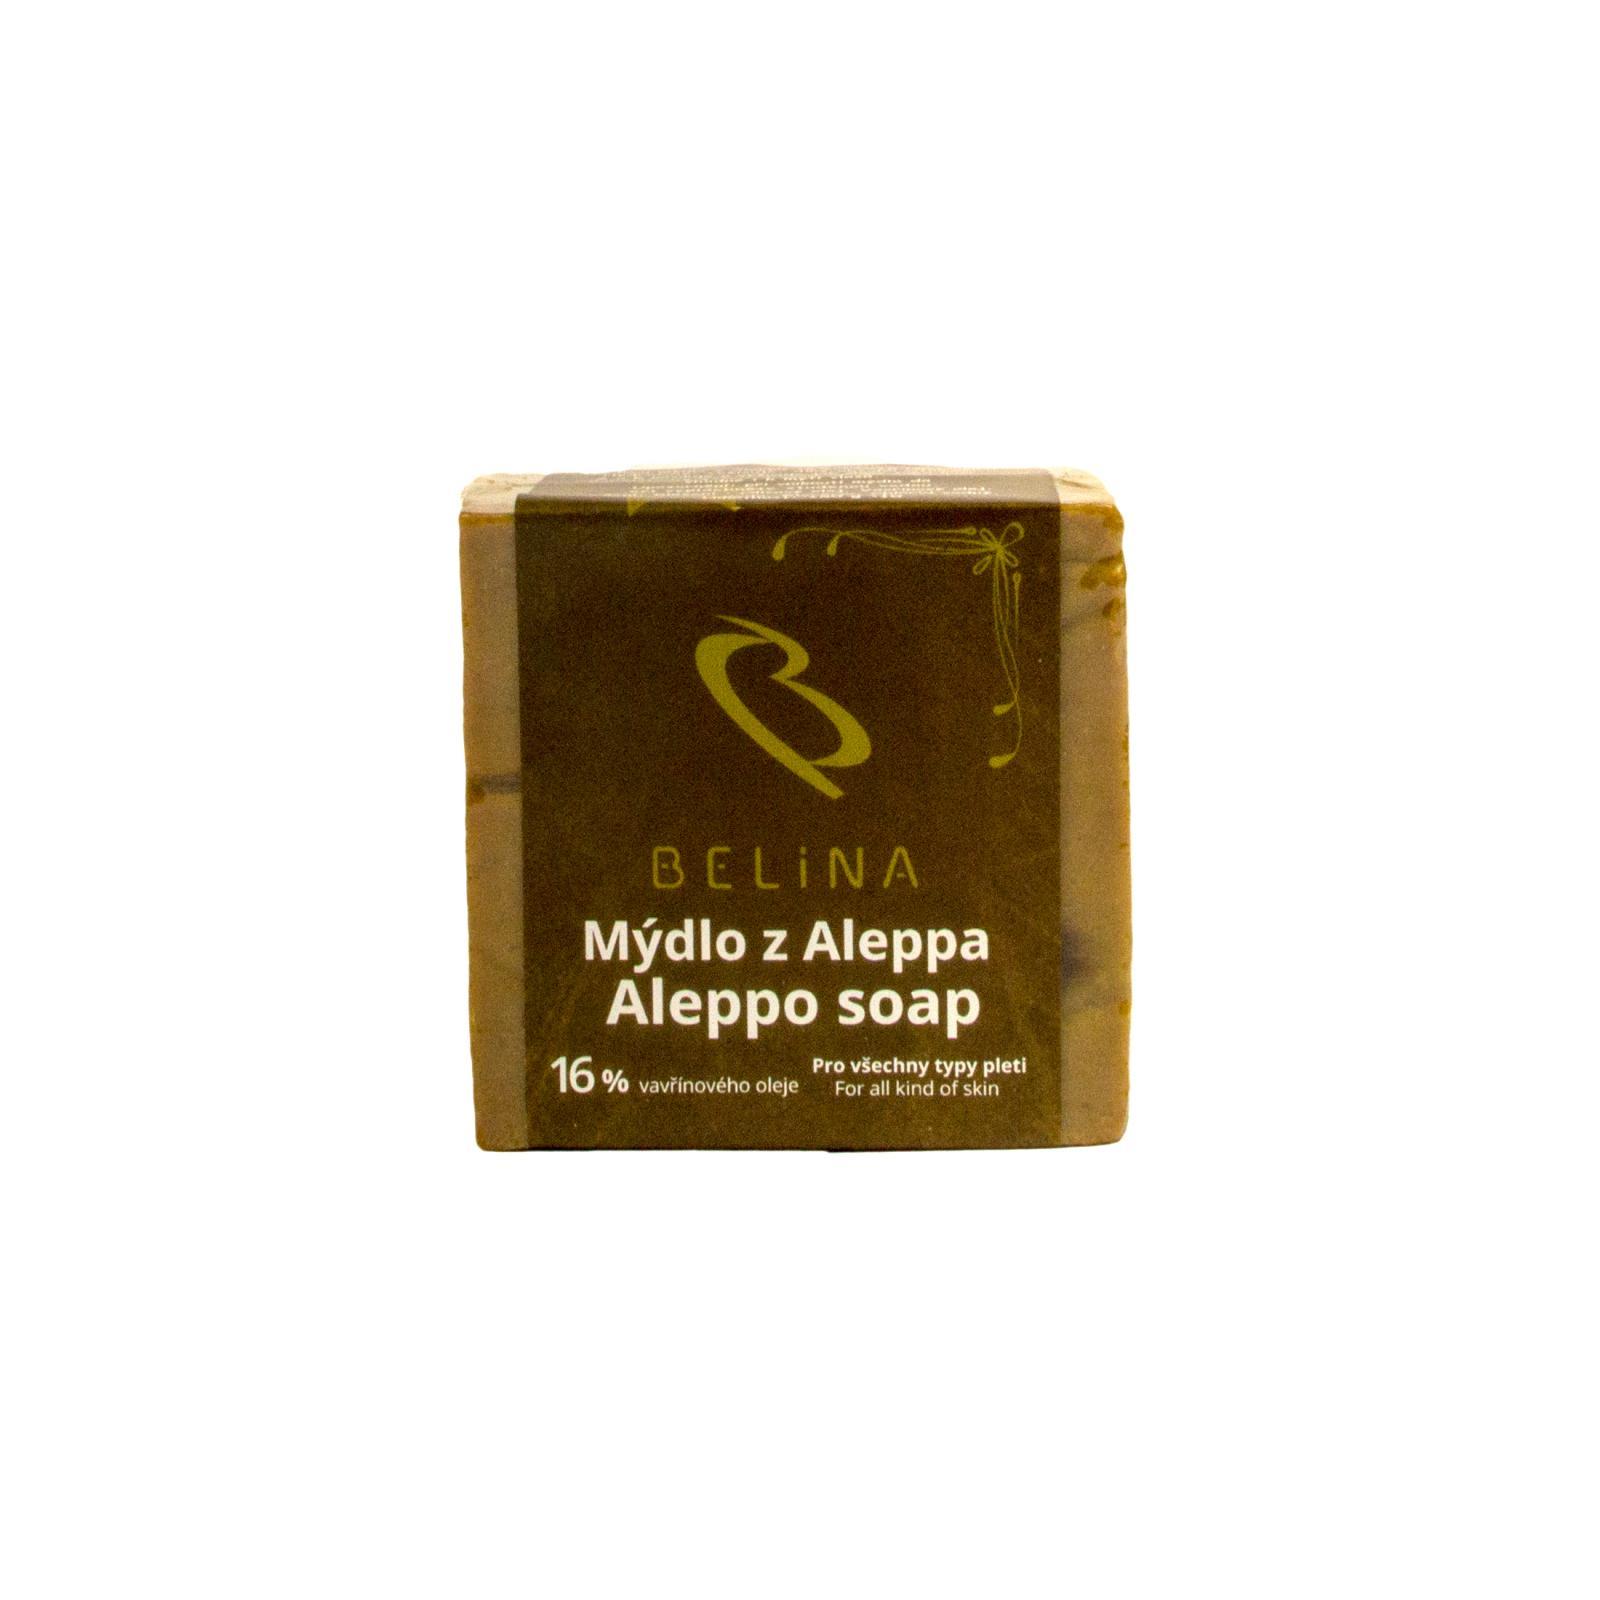 Belina Tradiční aleppské mýdlo 16% 180 g